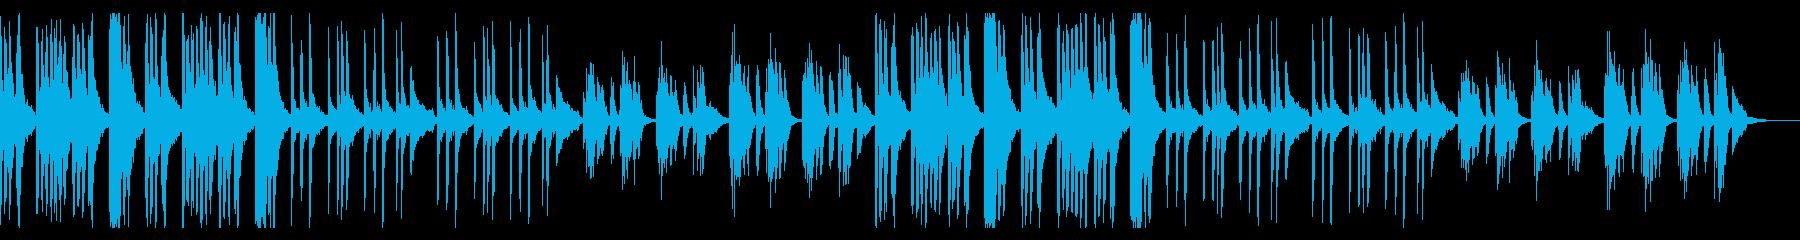 ダークでコミカルでシンプルなBGMの再生済みの波形